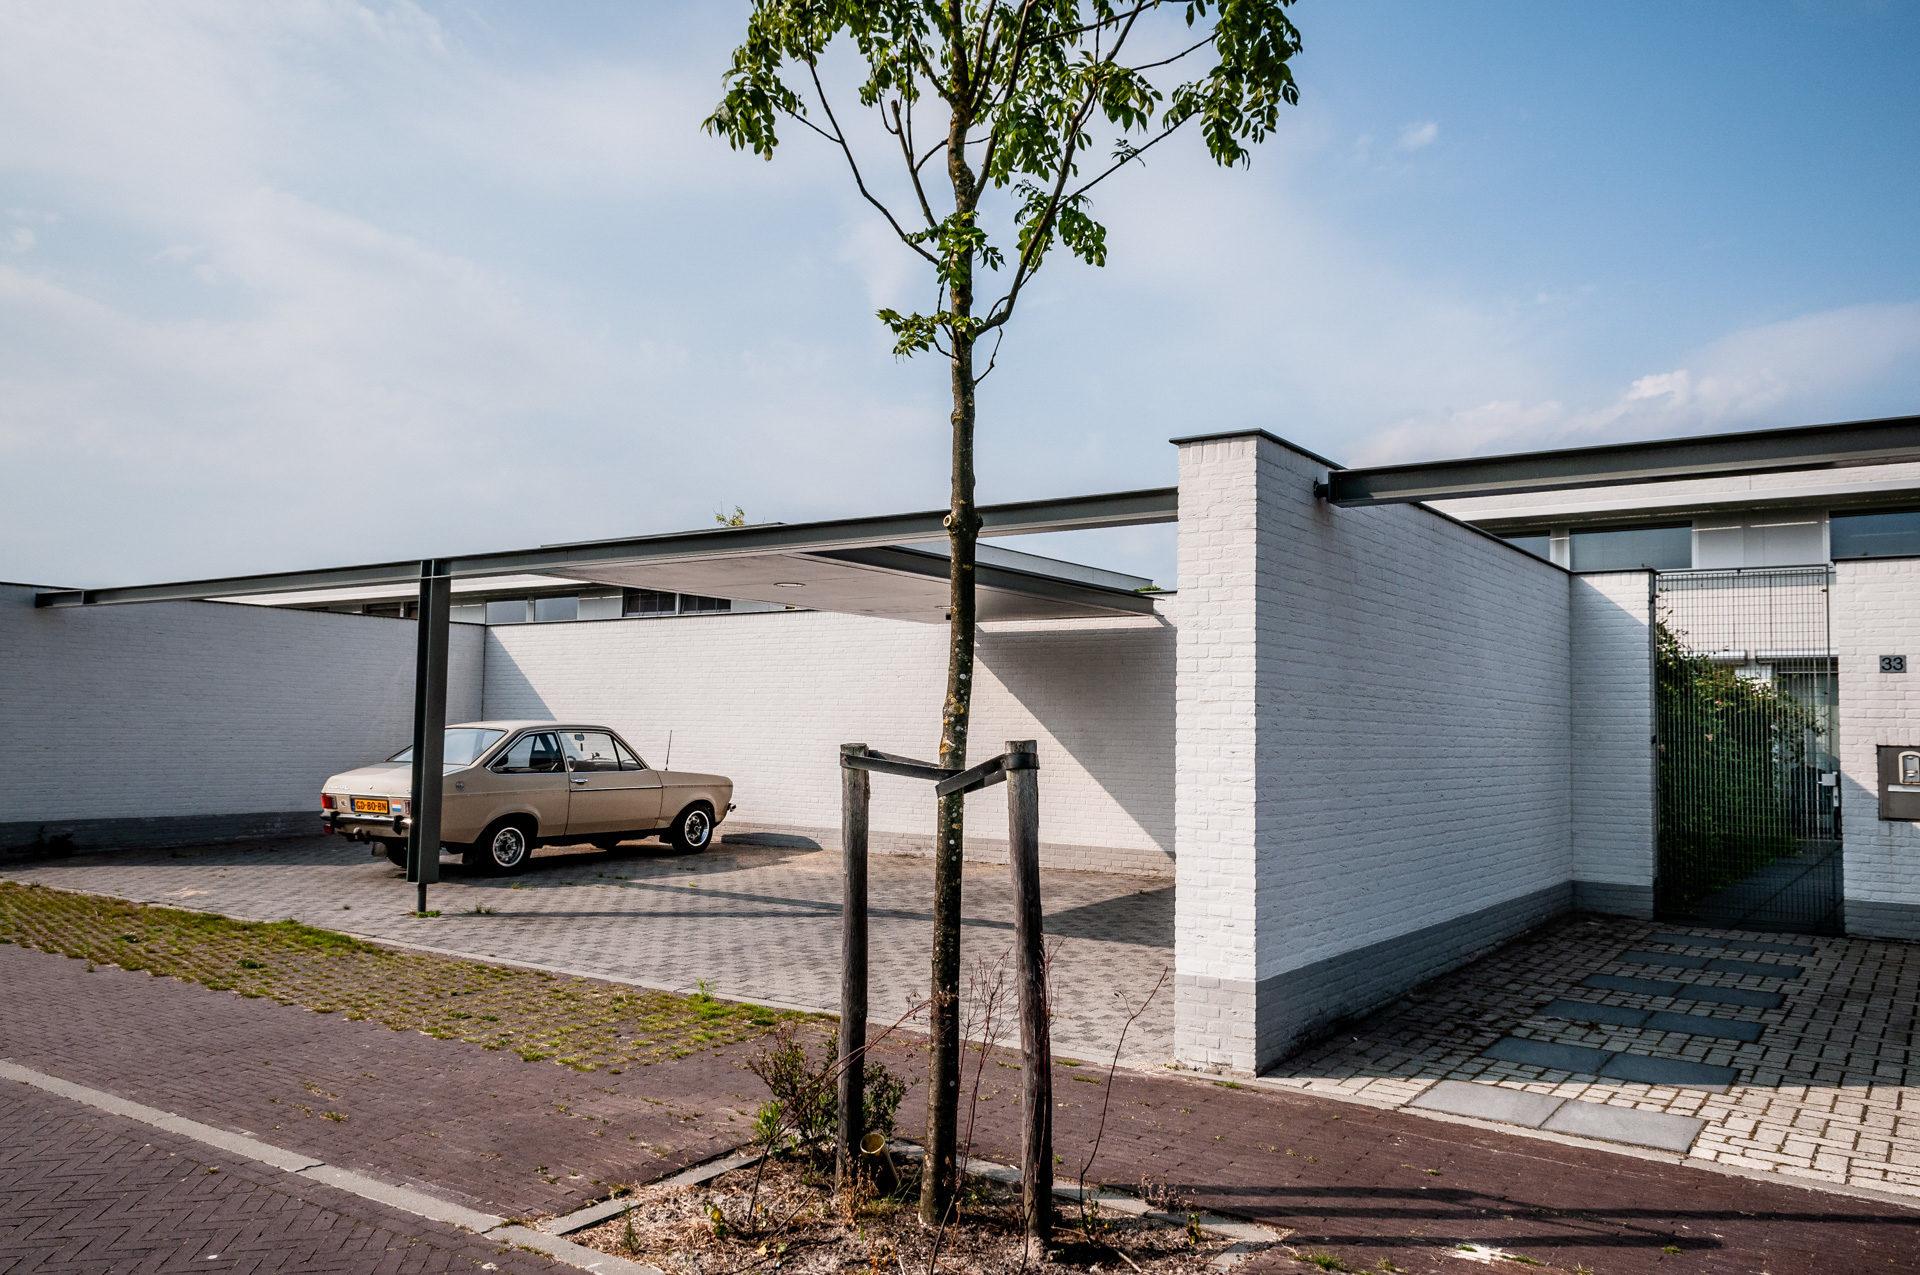 Carport bij patiowoningen, Witbrand Oost, Tilburg. Uit het Zakboek Parkeren voor de woonomgeving (Bna, 2010).